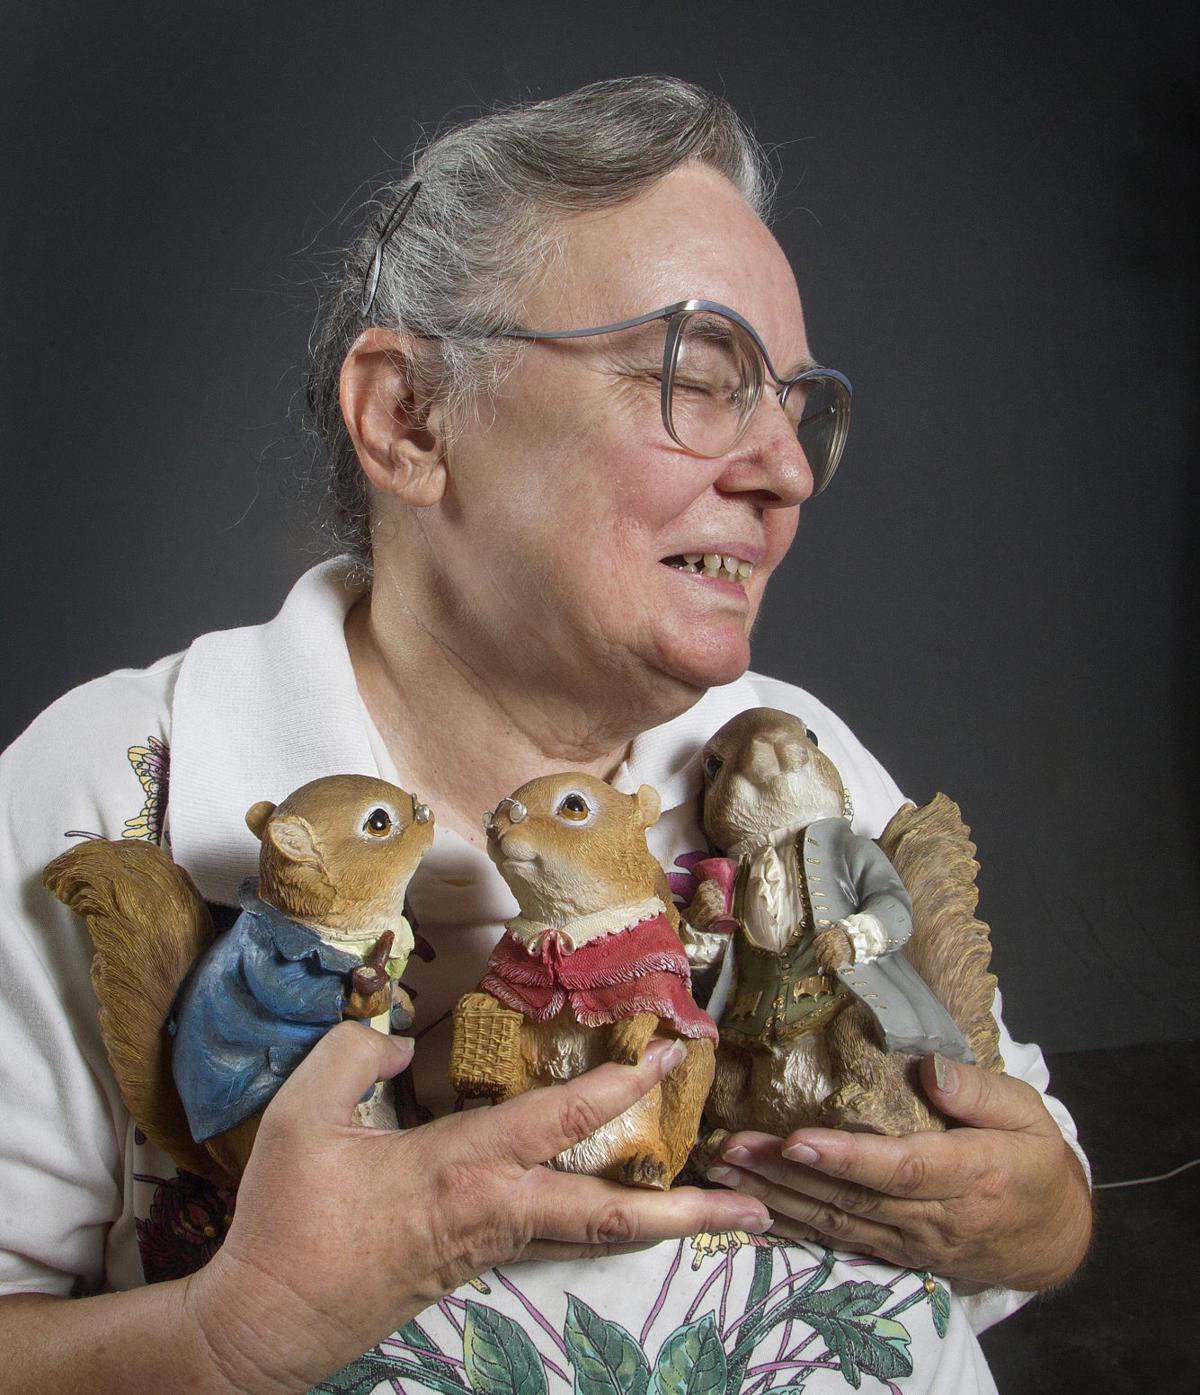 Marty Davis, Collector, Fair Exhibitor